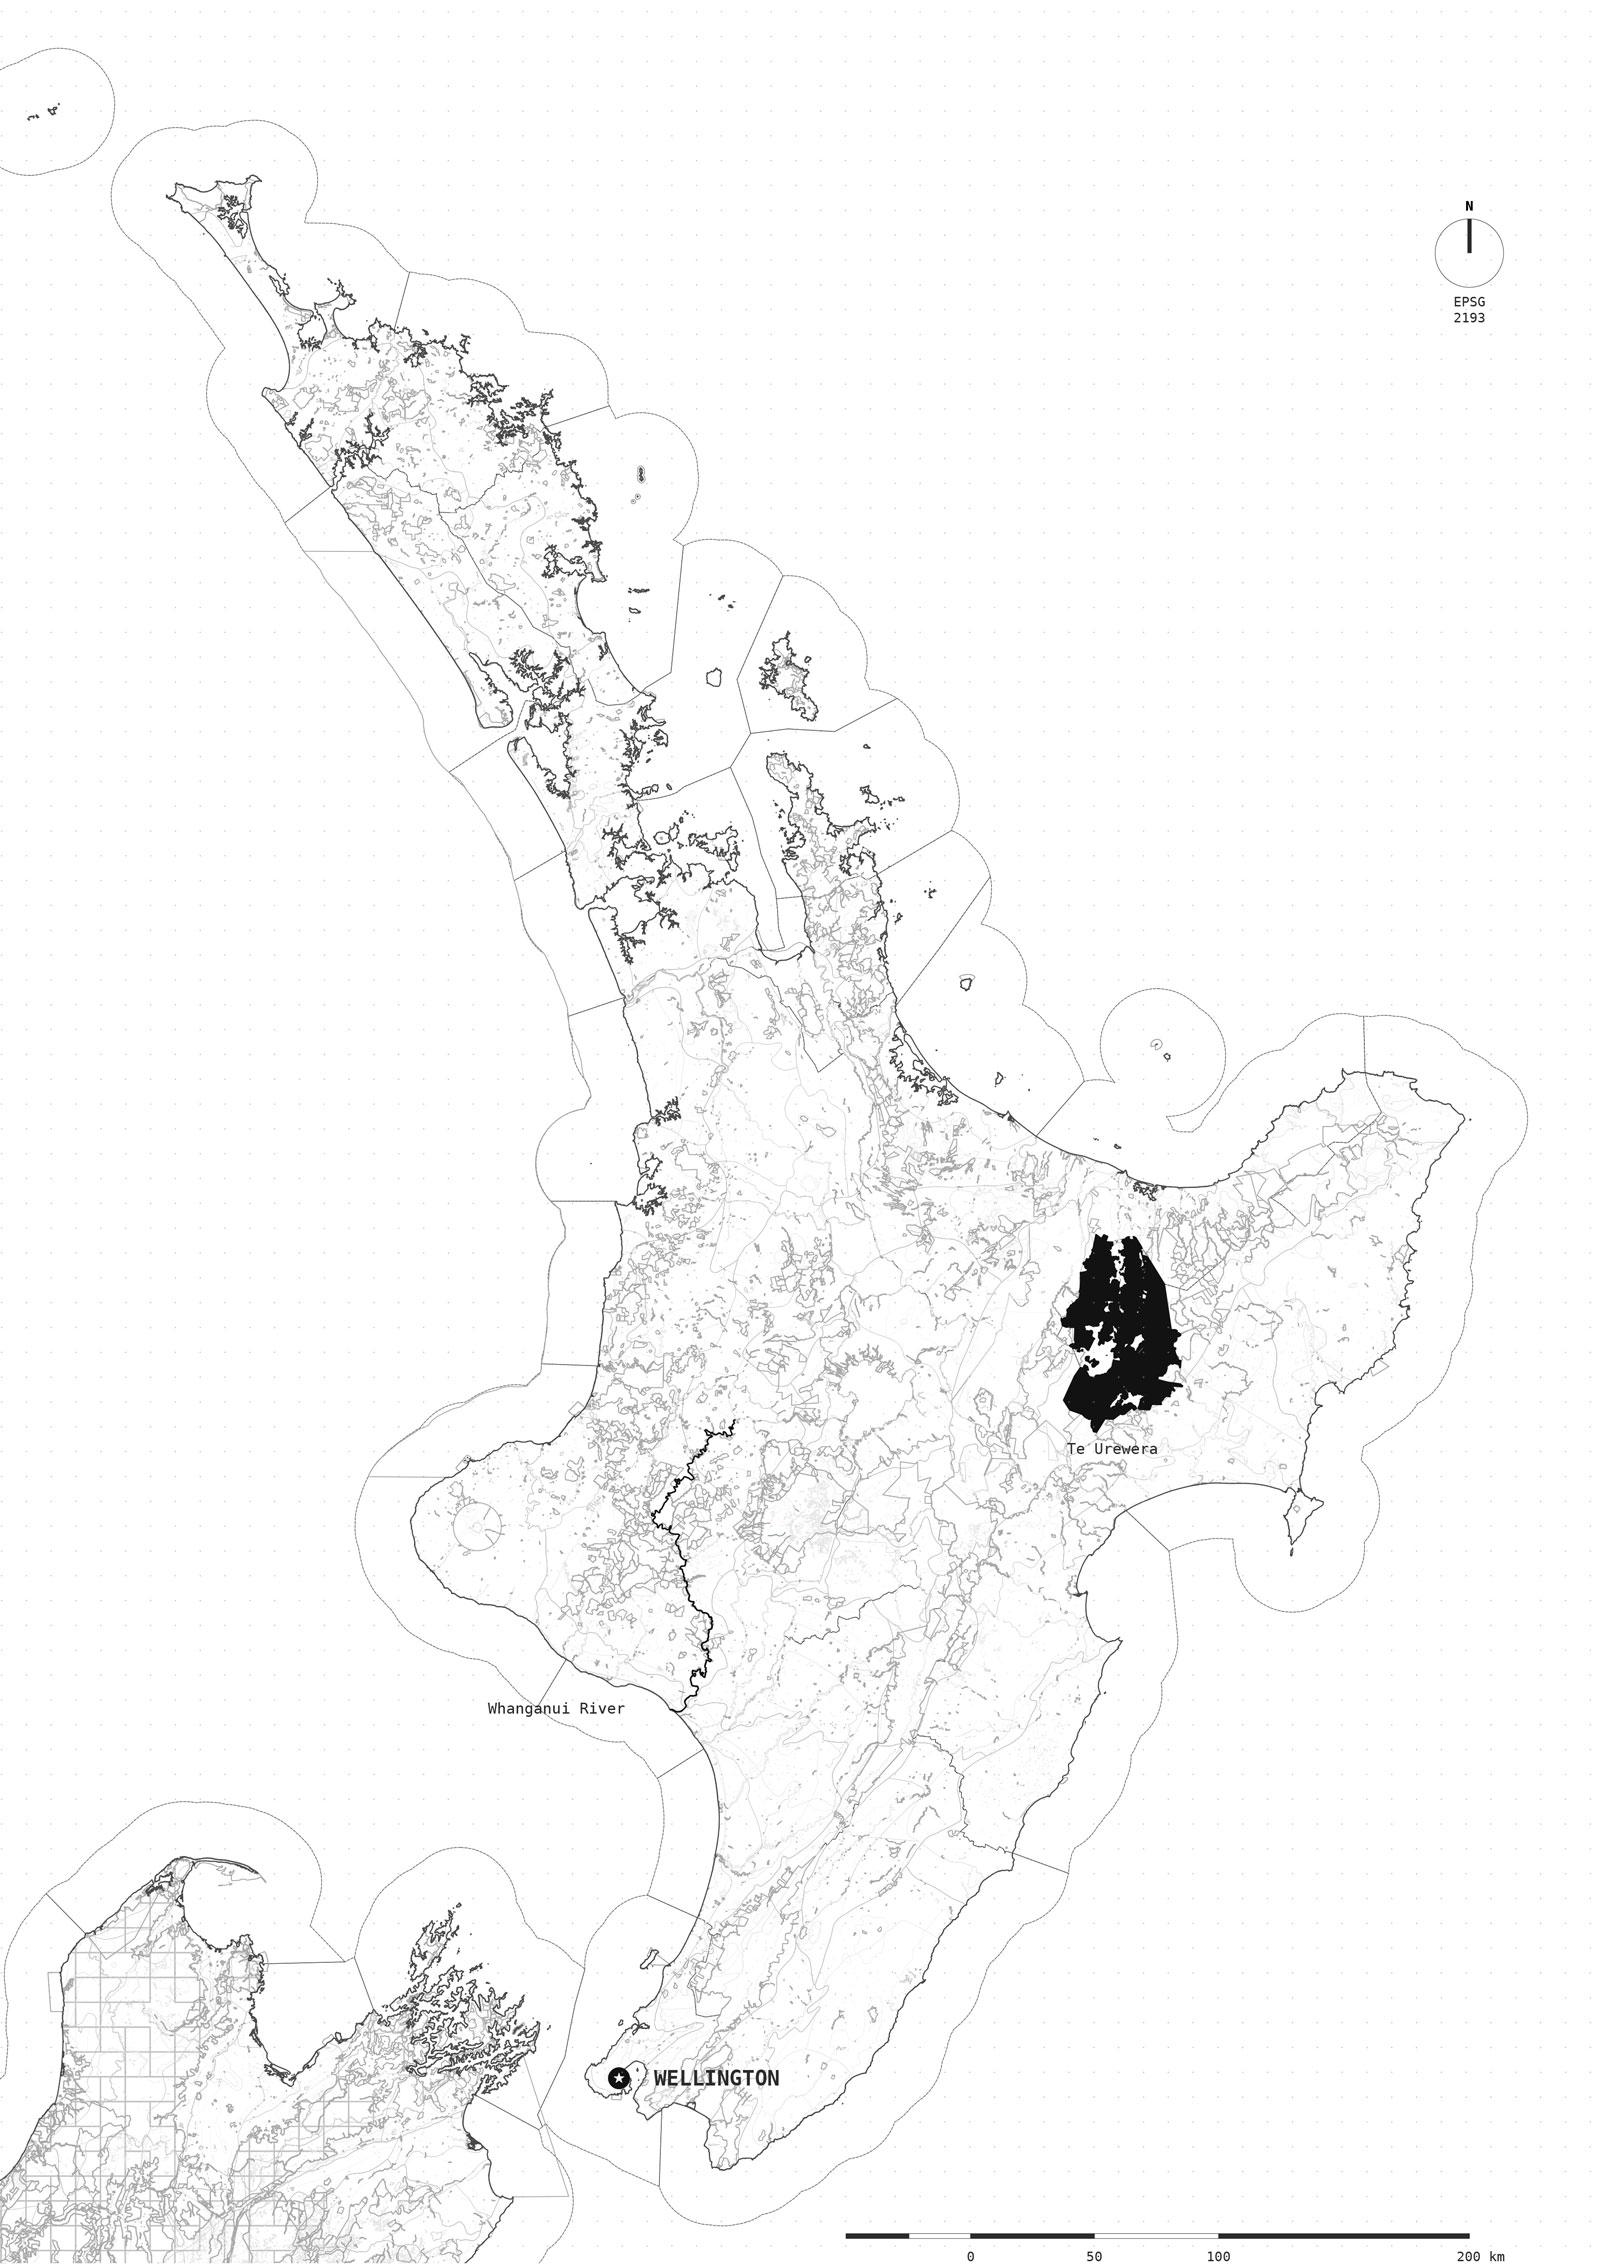 Confini di tutti i sistemi ambientali protetti o soggetti ad accordi multilaterali istituiti dal Dipartimento di Conservazione della Nuova Zelanda nella North Island